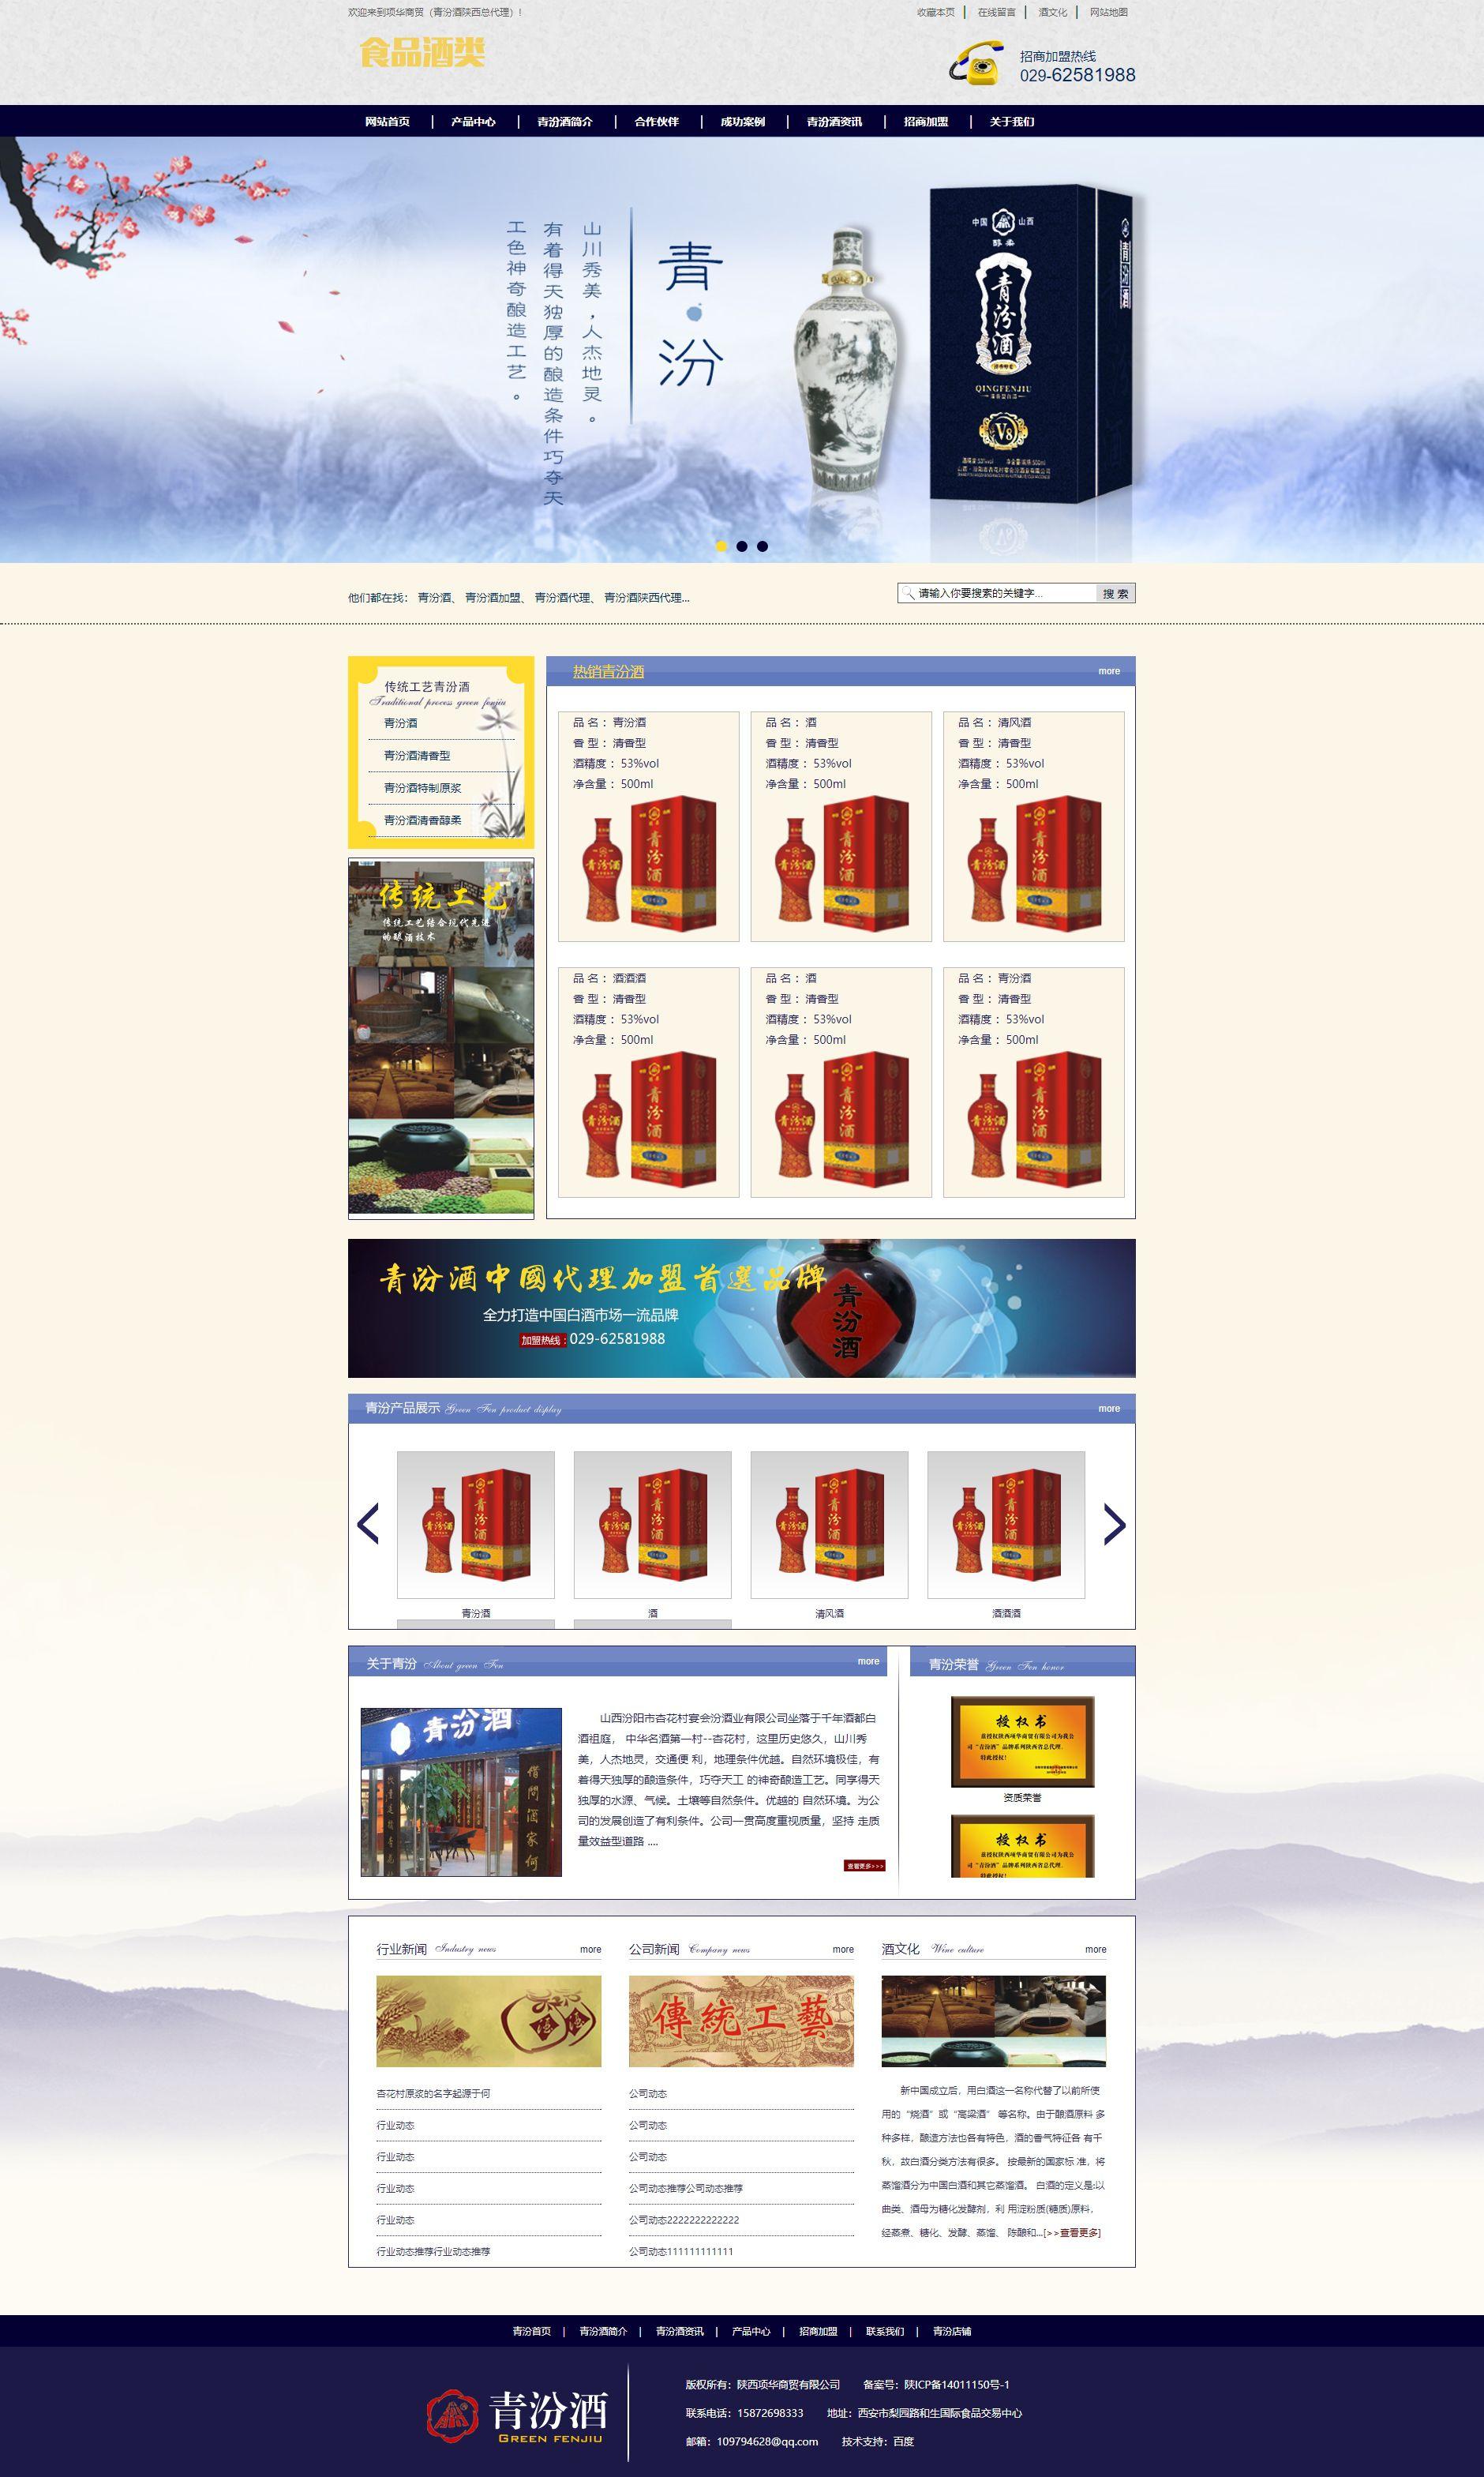 青汾酒及食品酒类企业织梦dedecms网站源码